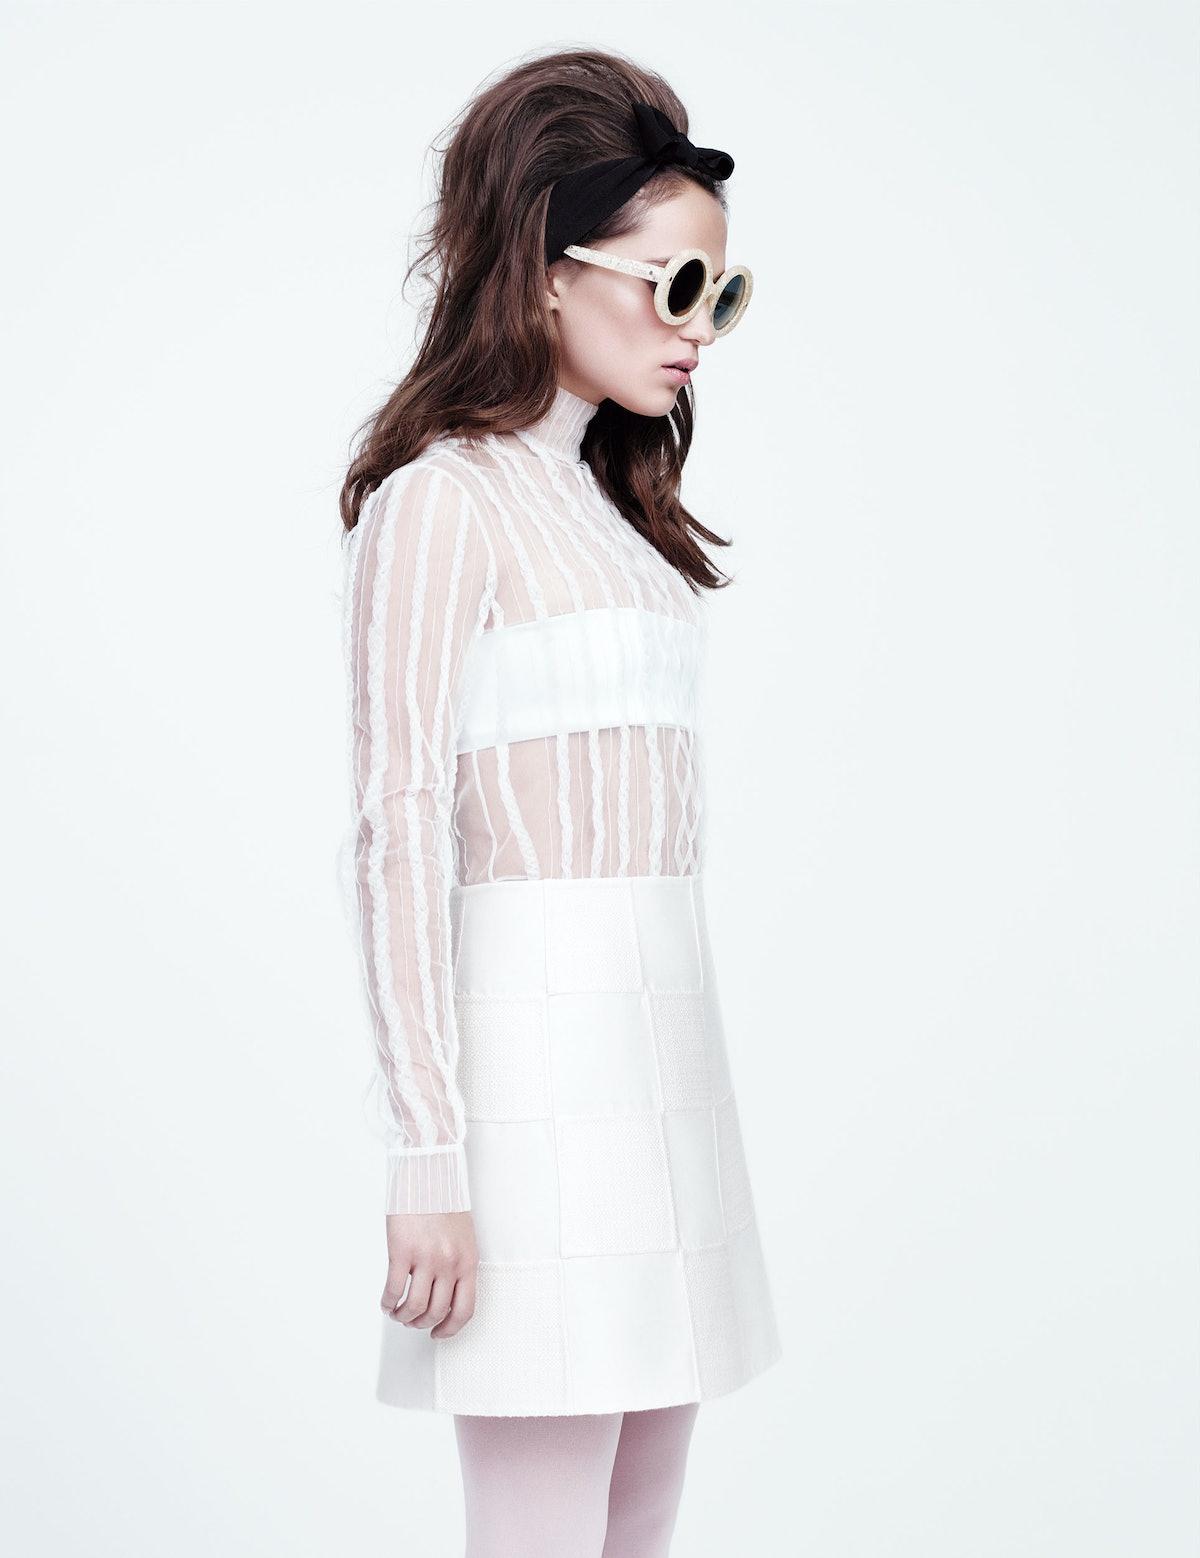 alicia-vikander-6-white-mood